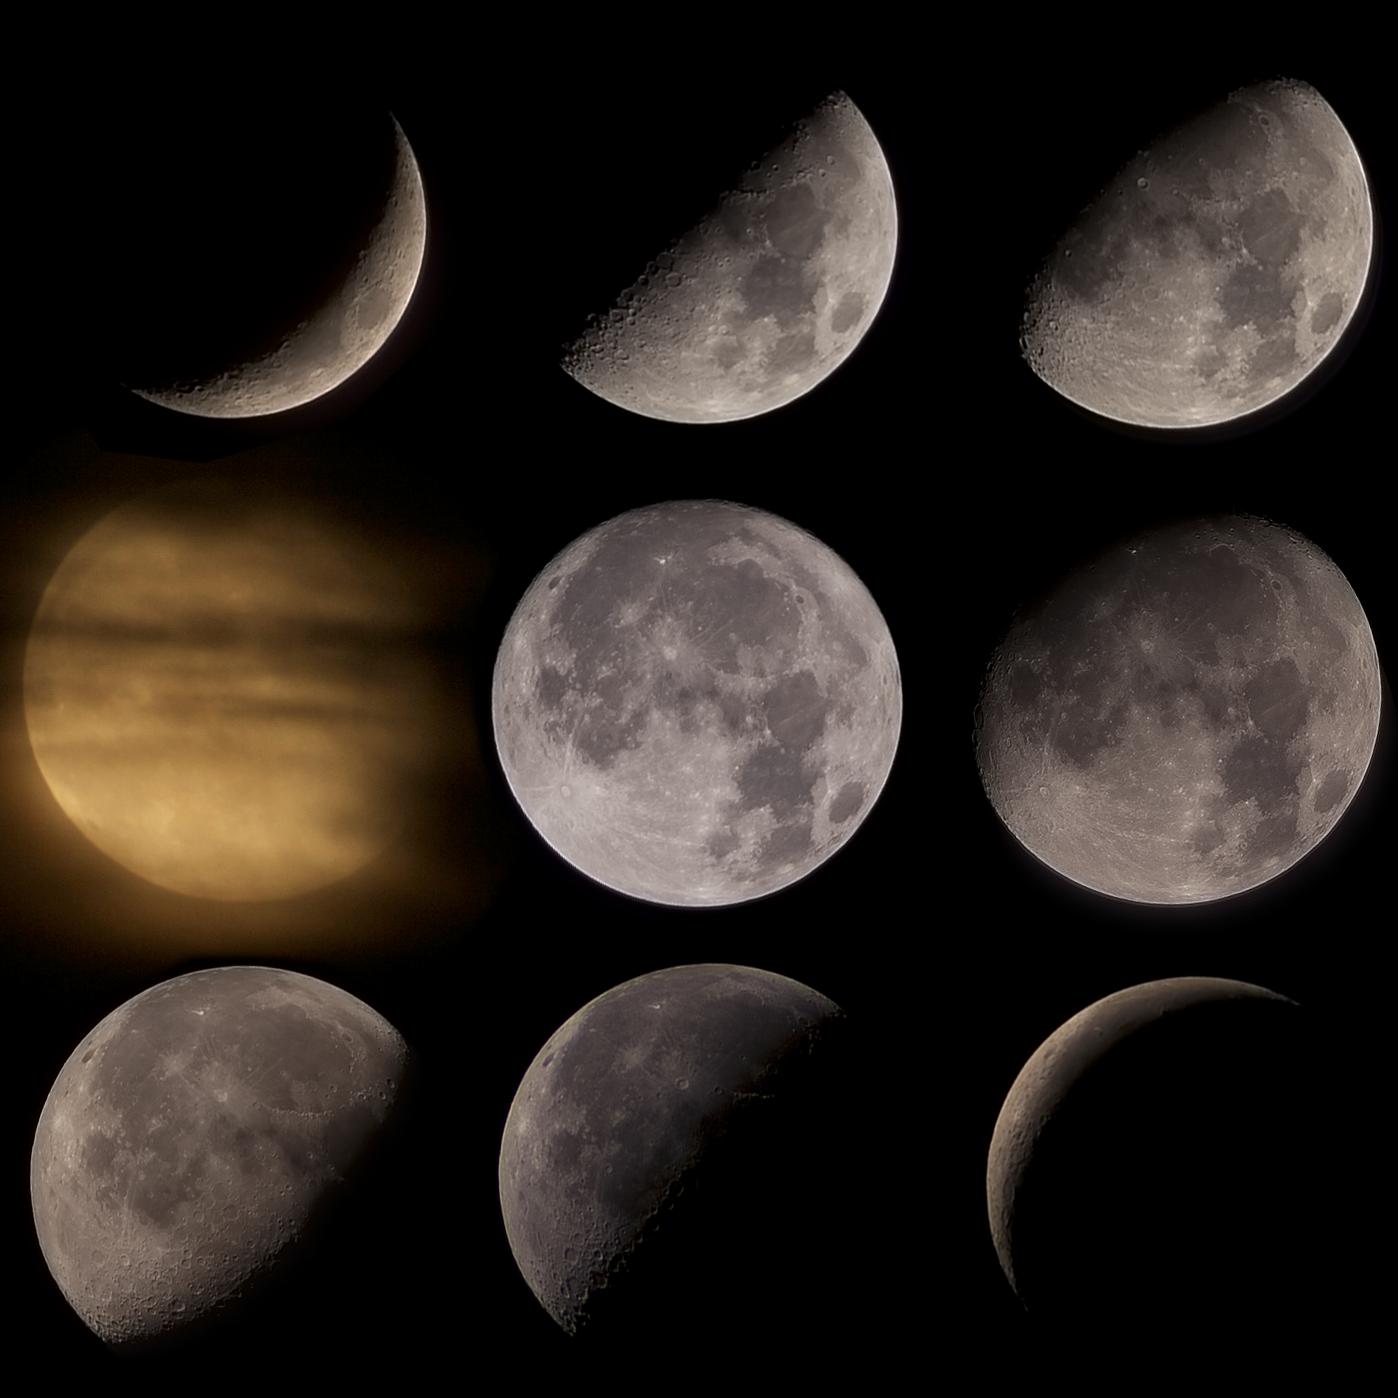 фазы Луны в январе 2021 года фото